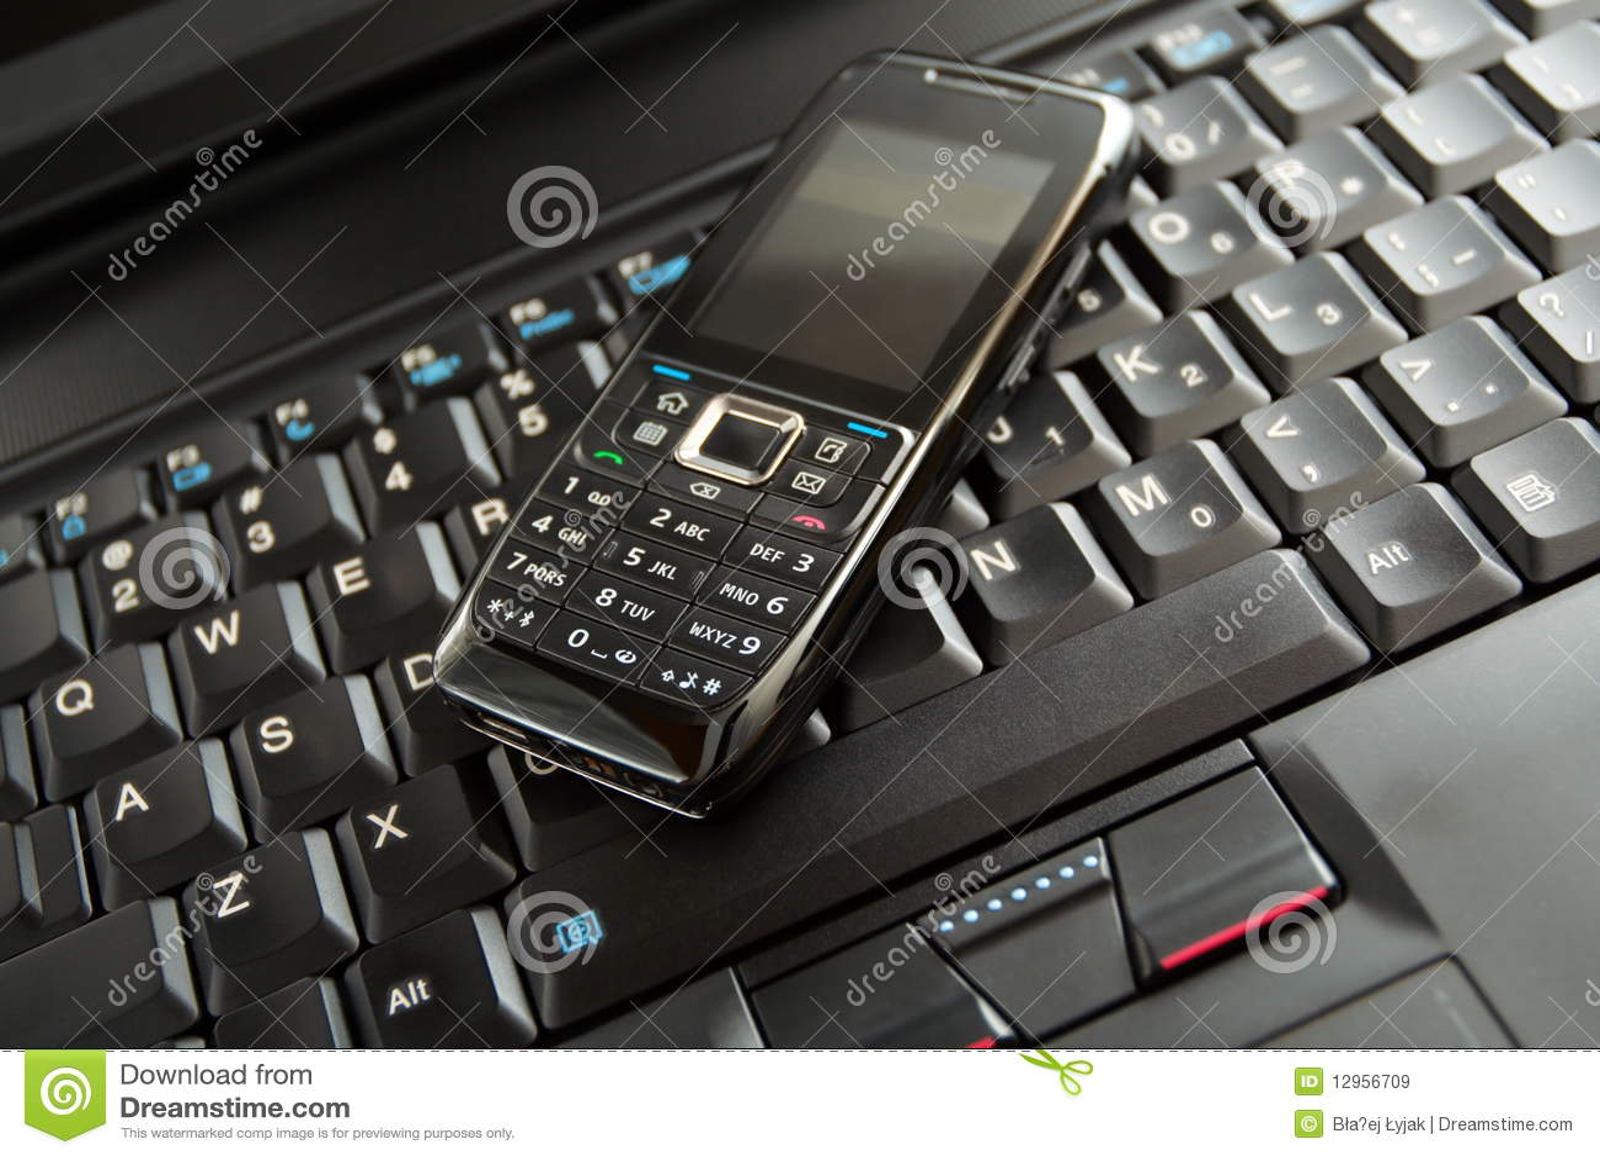 clavier de t l phone portable et d 39 ordinateur portatif images libres de droits image 12956709. Black Bedroom Furniture Sets. Home Design Ideas